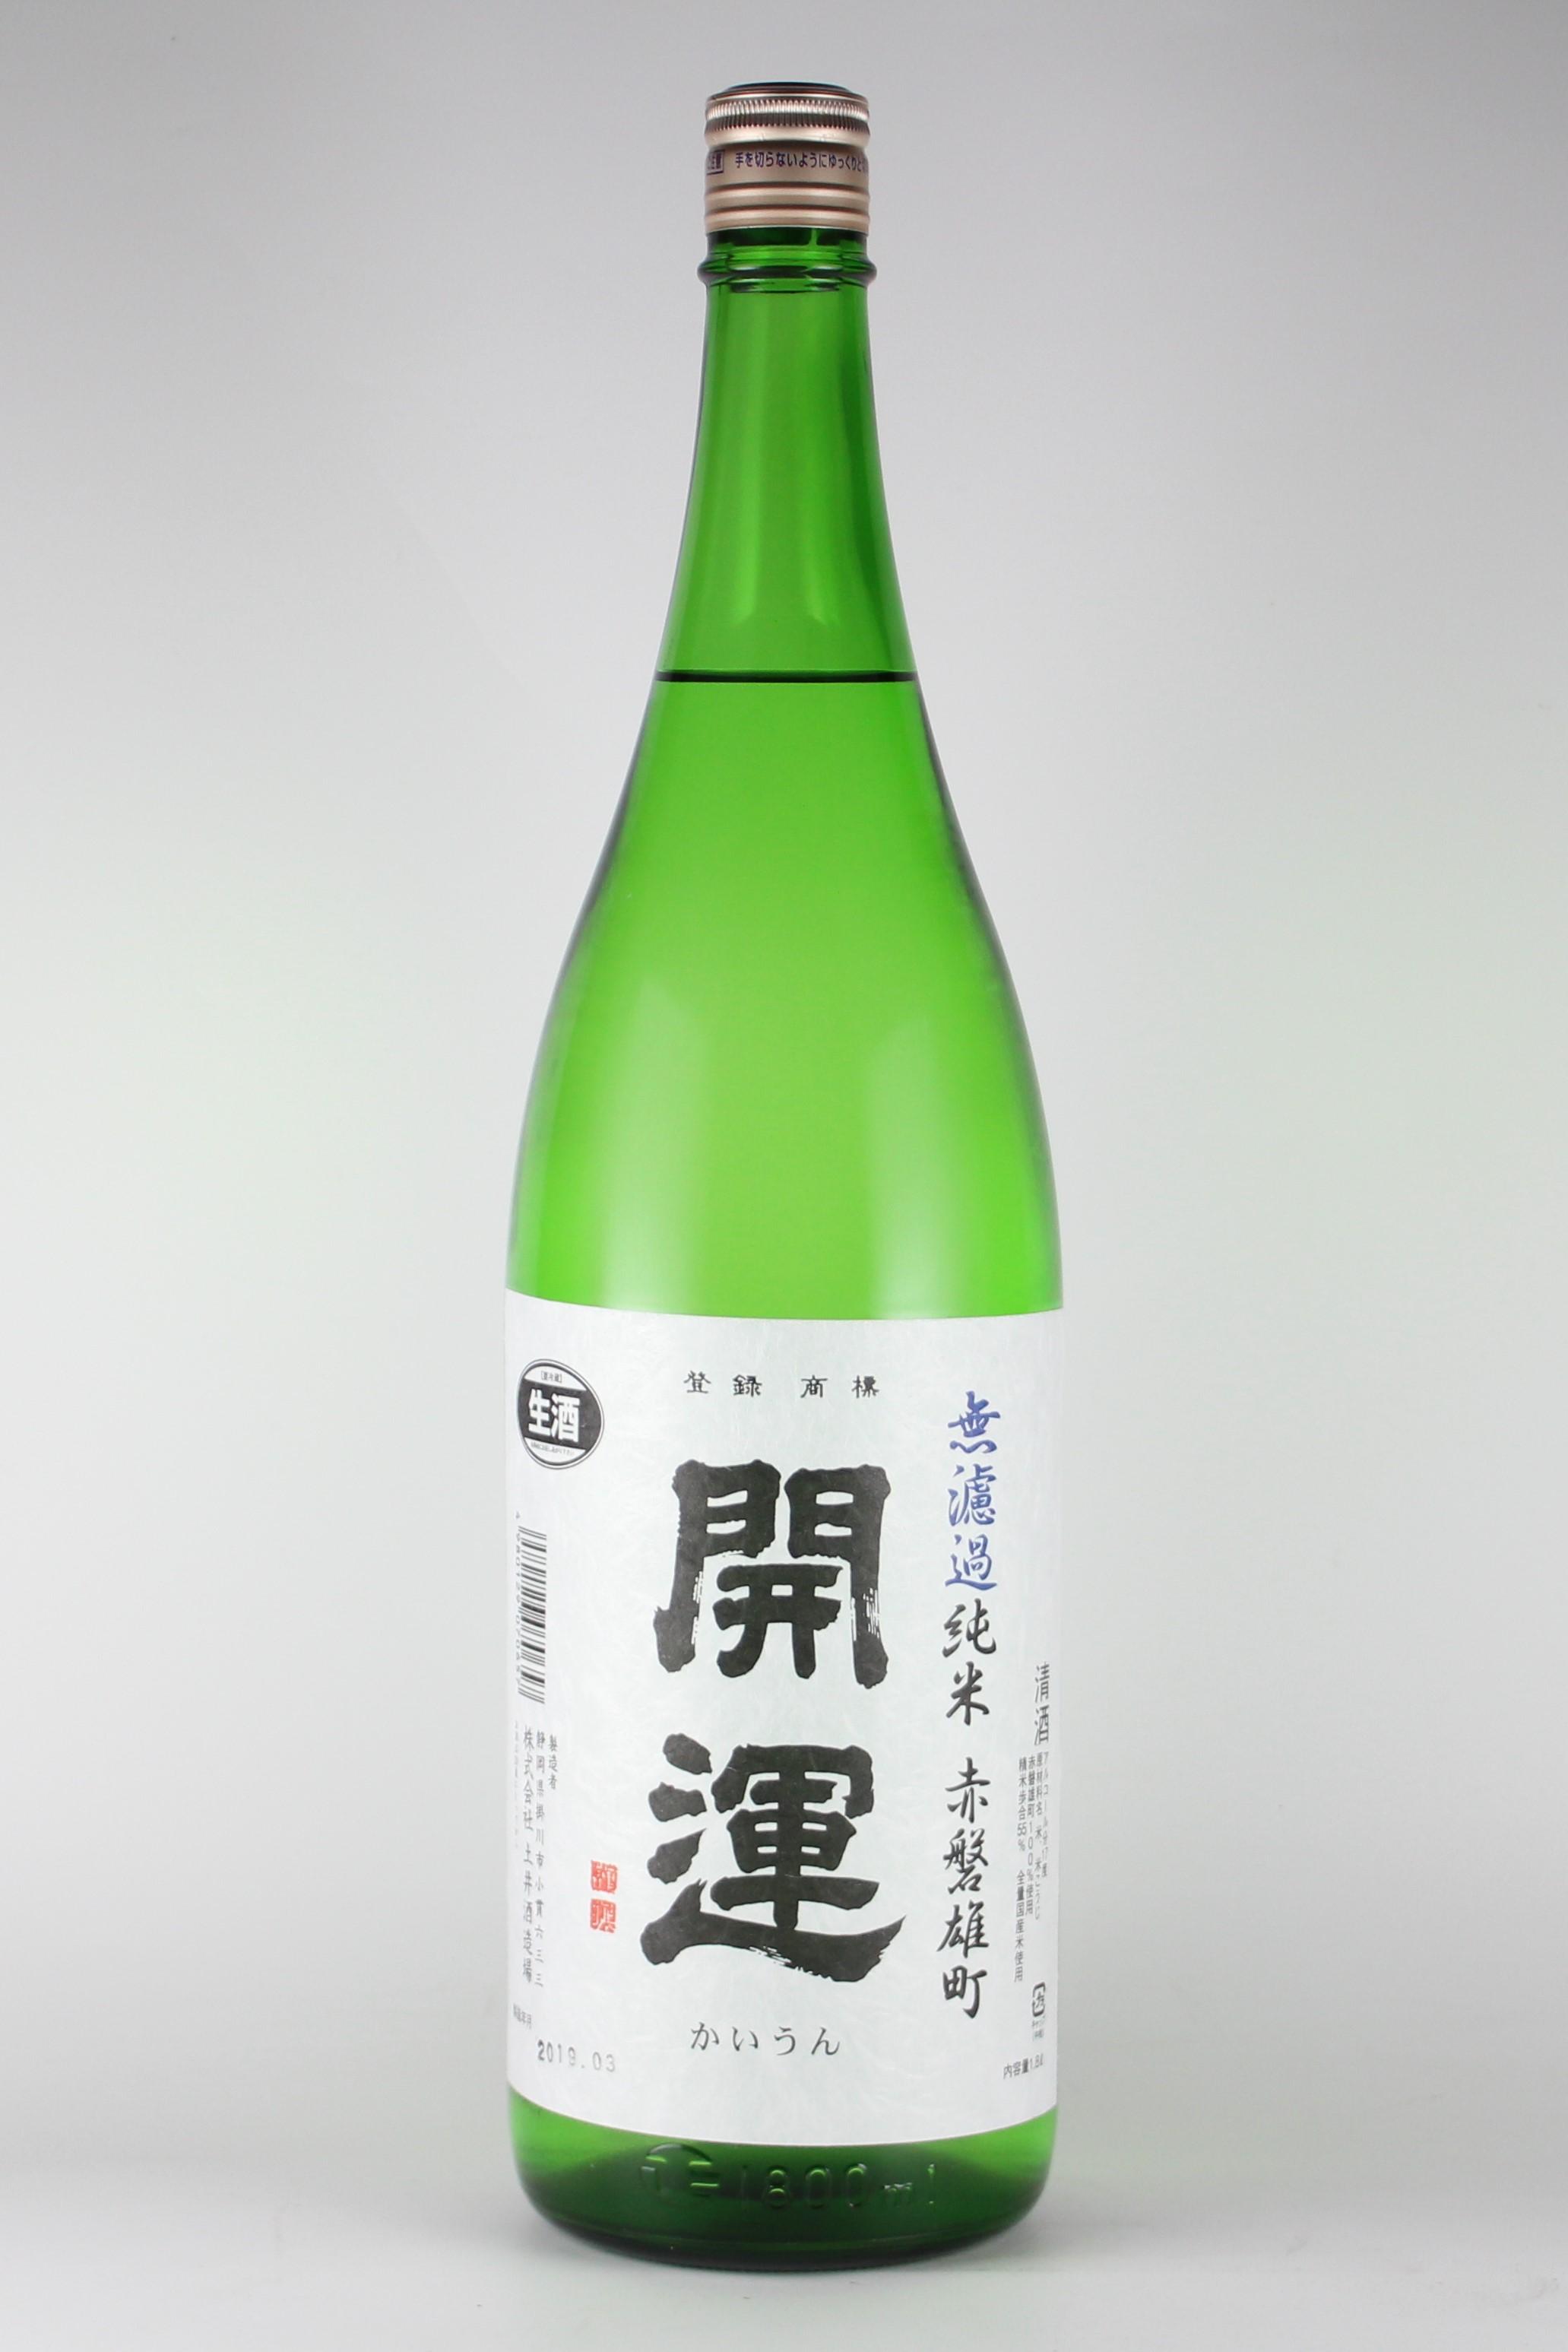 開運 純米無濾過生原酒 赤磐雄町 1800ml 【静岡/土井酒造場】